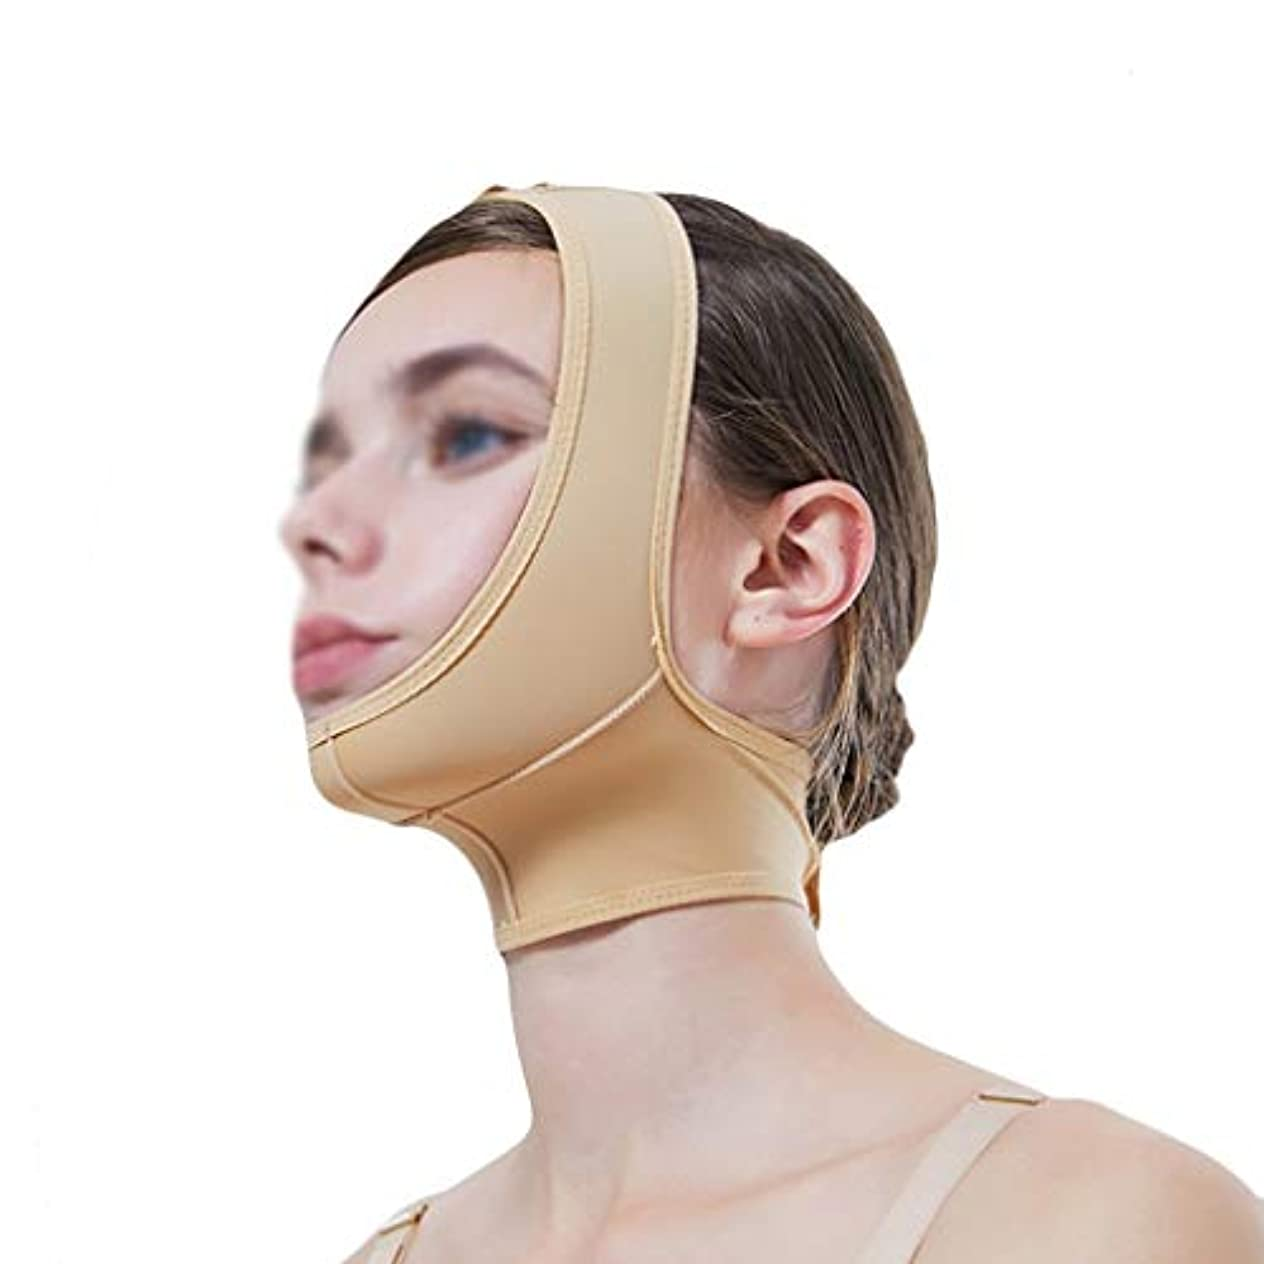 多くの危険がある状況クラシック第五マスク、超薄型ベルト、フェイスリフティングに適しています、フェイスリフティング、通気性包帯、チンリフティングベルト、超薄型ベルト、通気性 (Size : XS)